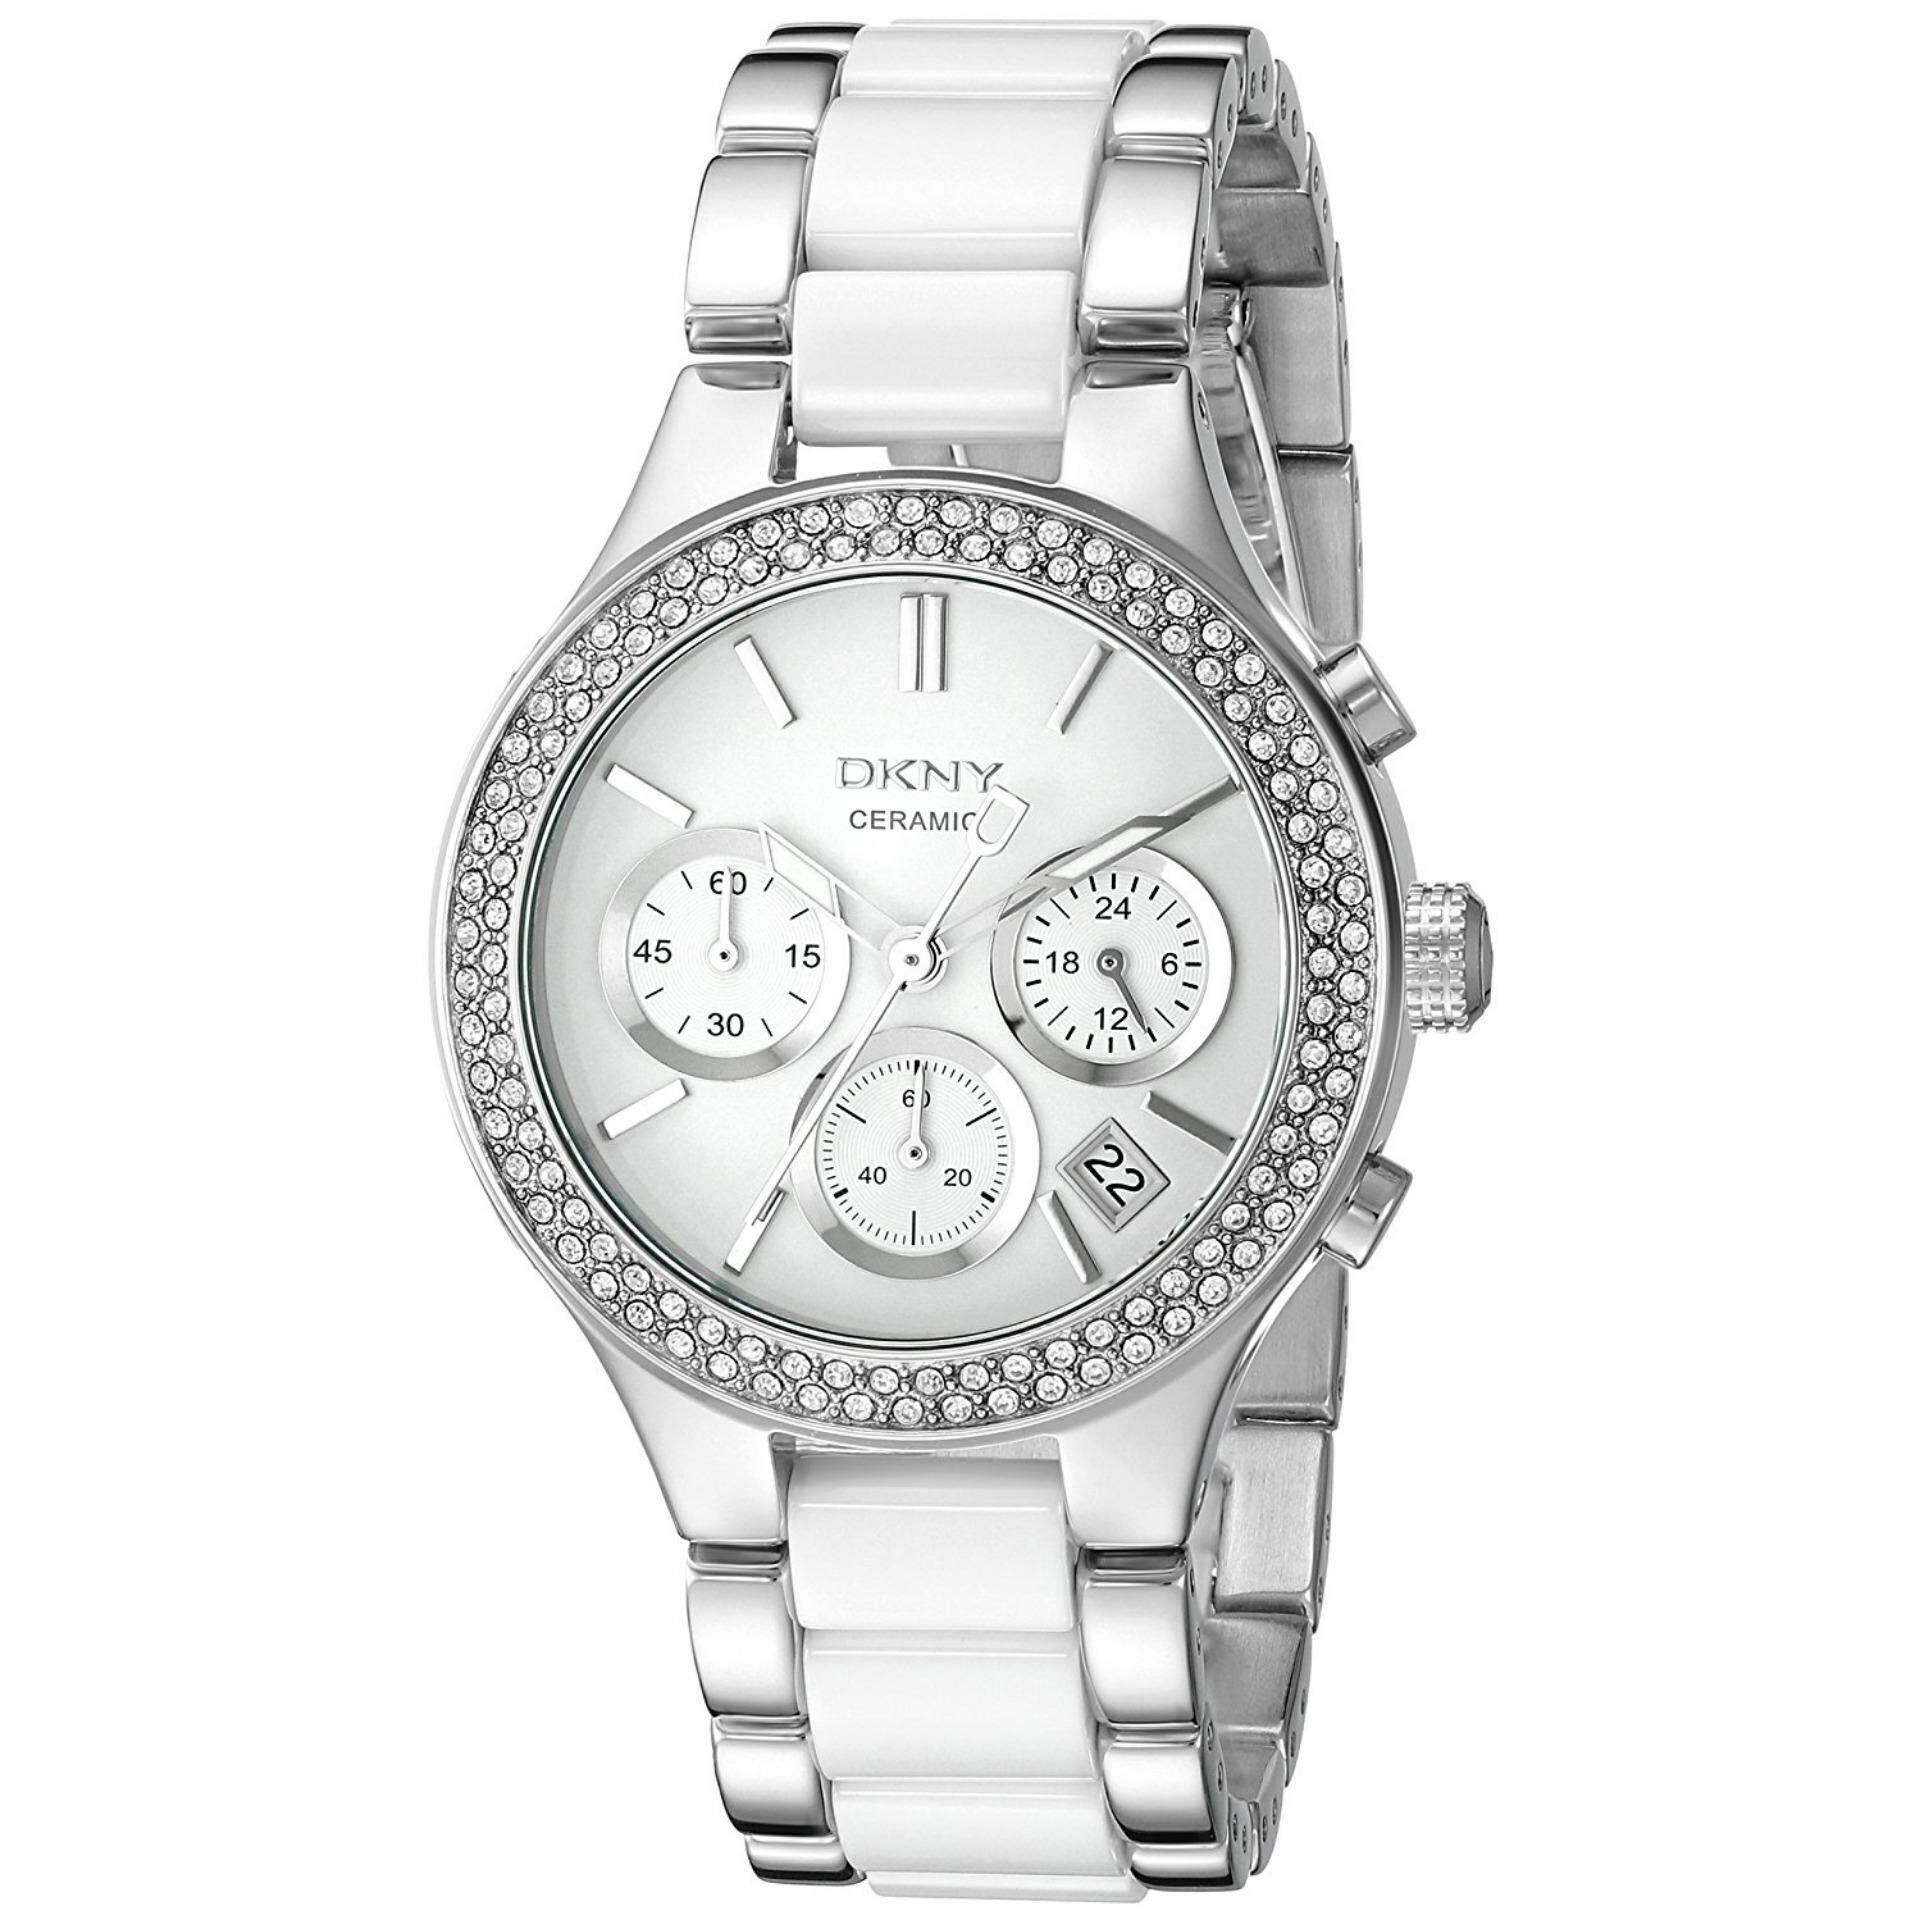 ราคา Dkny Ny8181 นาฬิกาข้อมือผู้หญิง สายเซรามิก สีเงิน ขาว Dkny